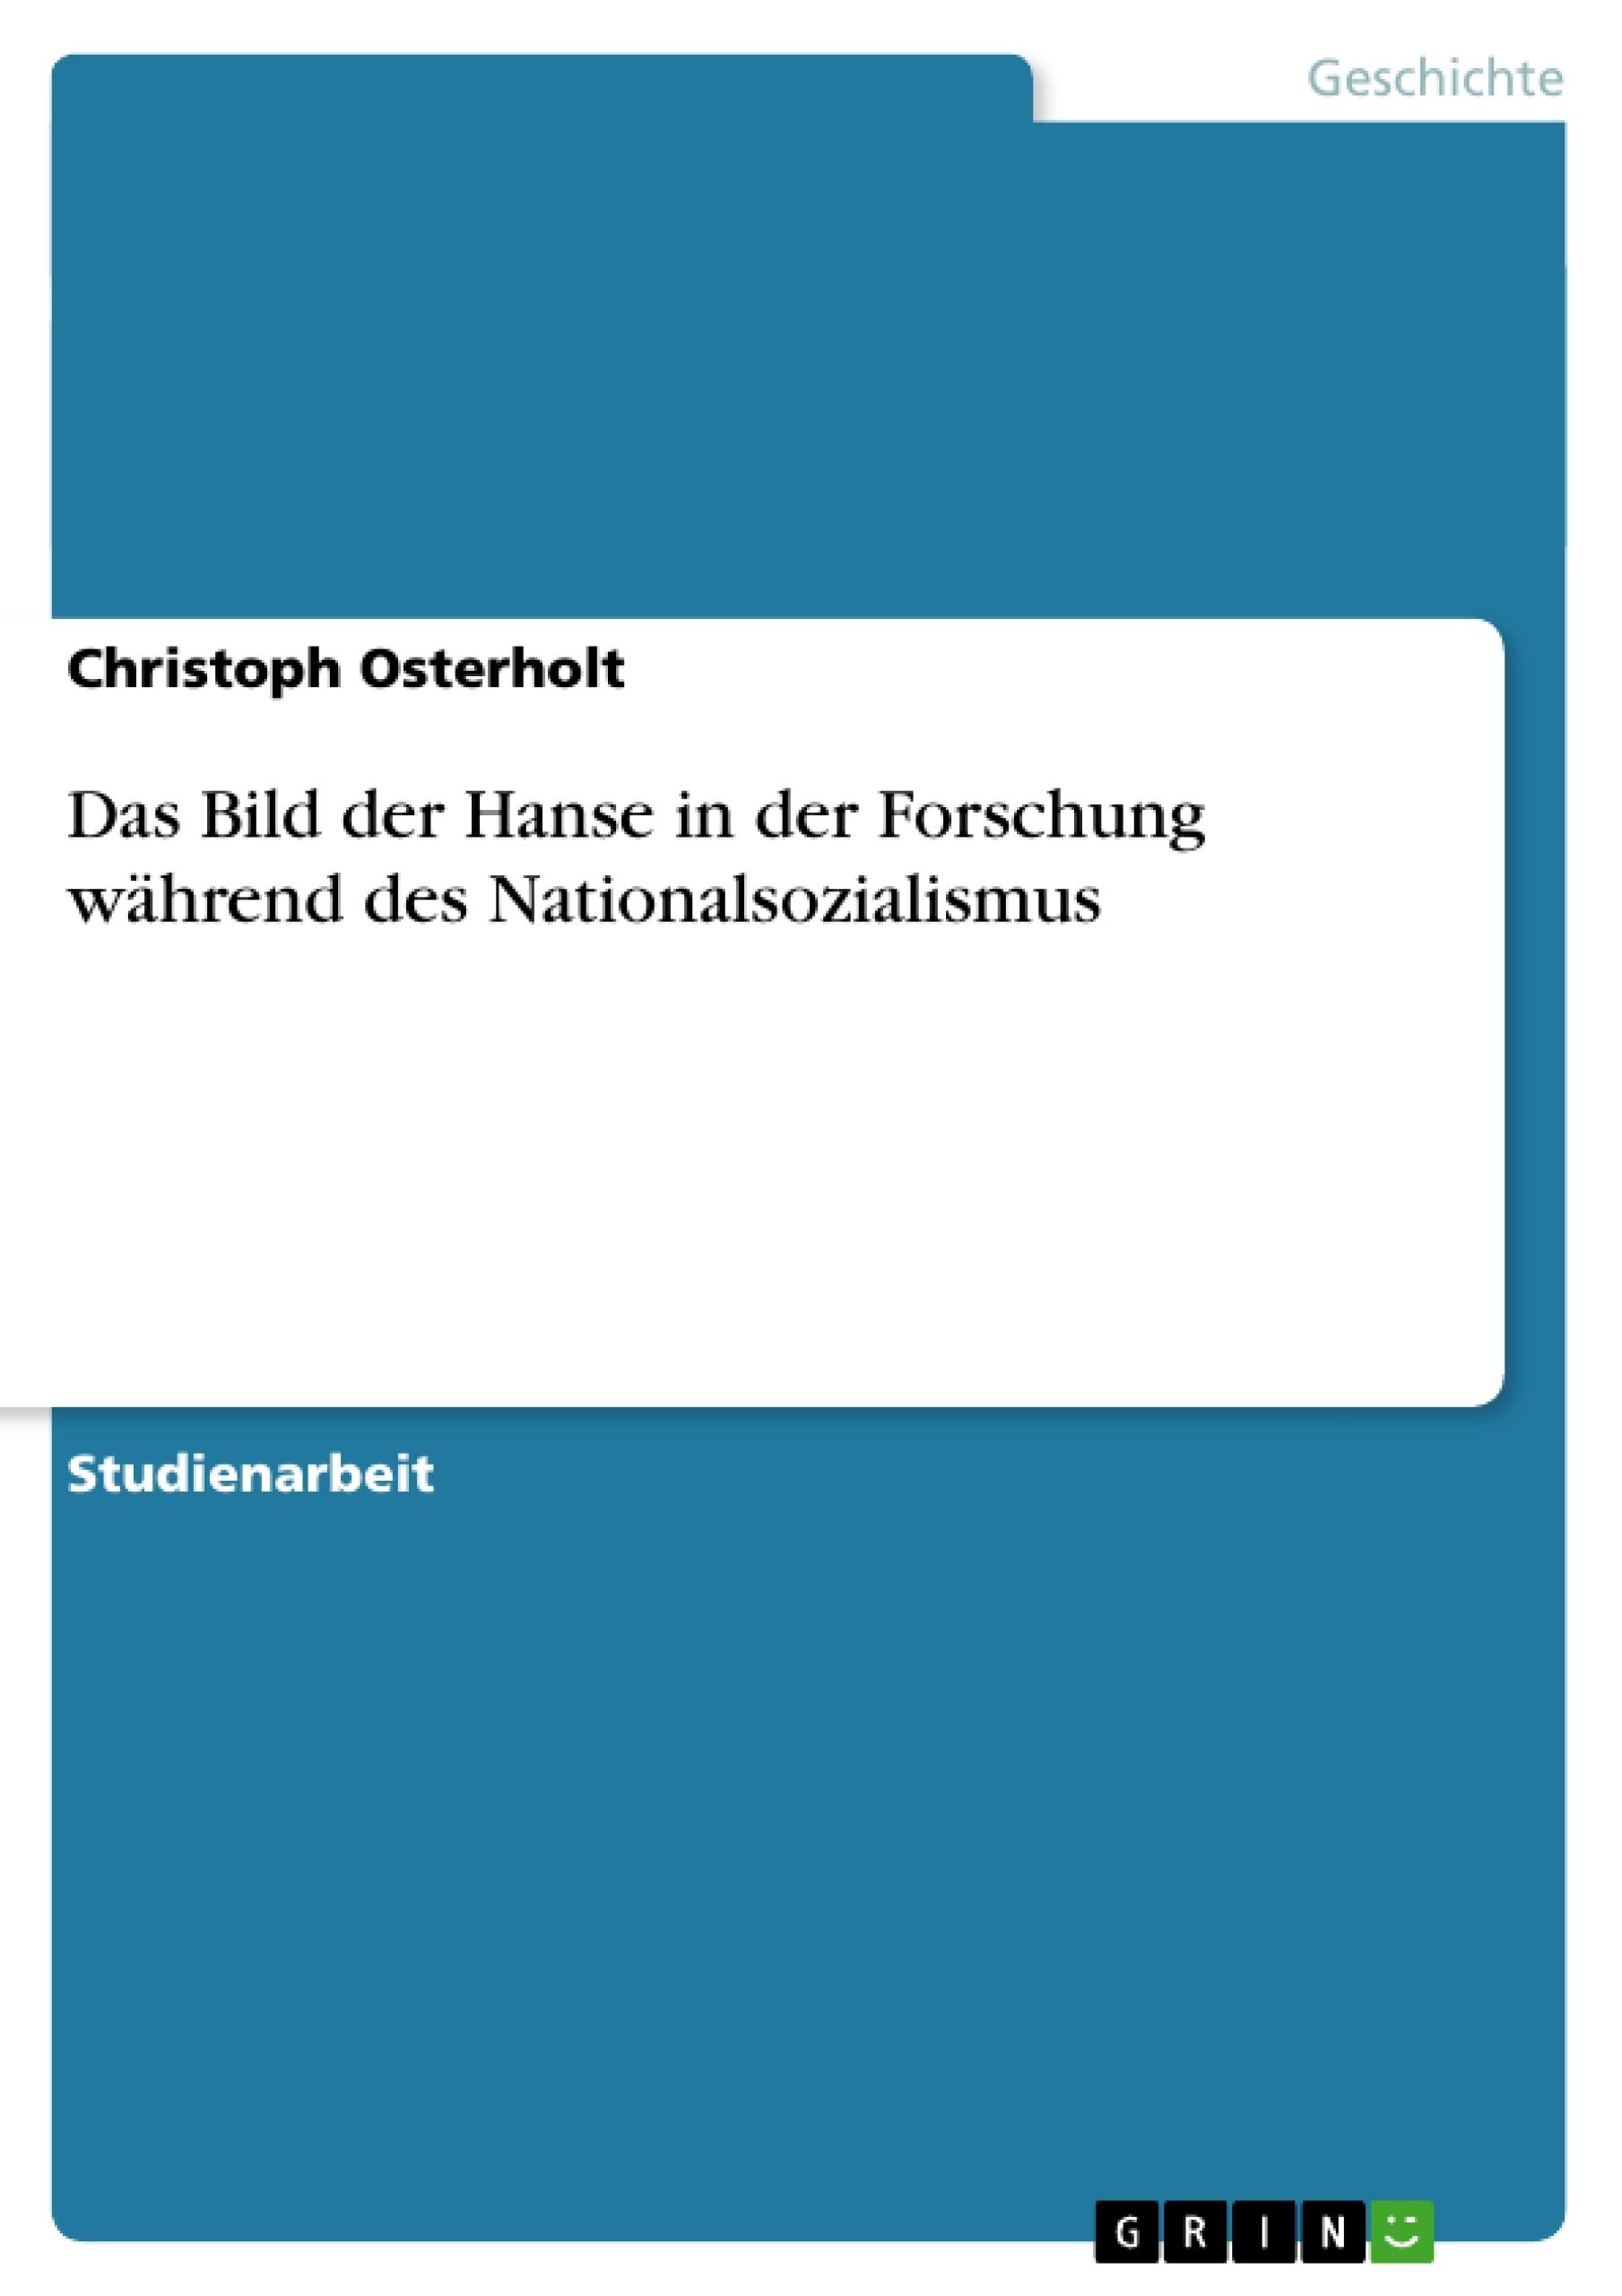 Titel: Das Bild der Hanse in der Forschung während des Nationalsozialismus